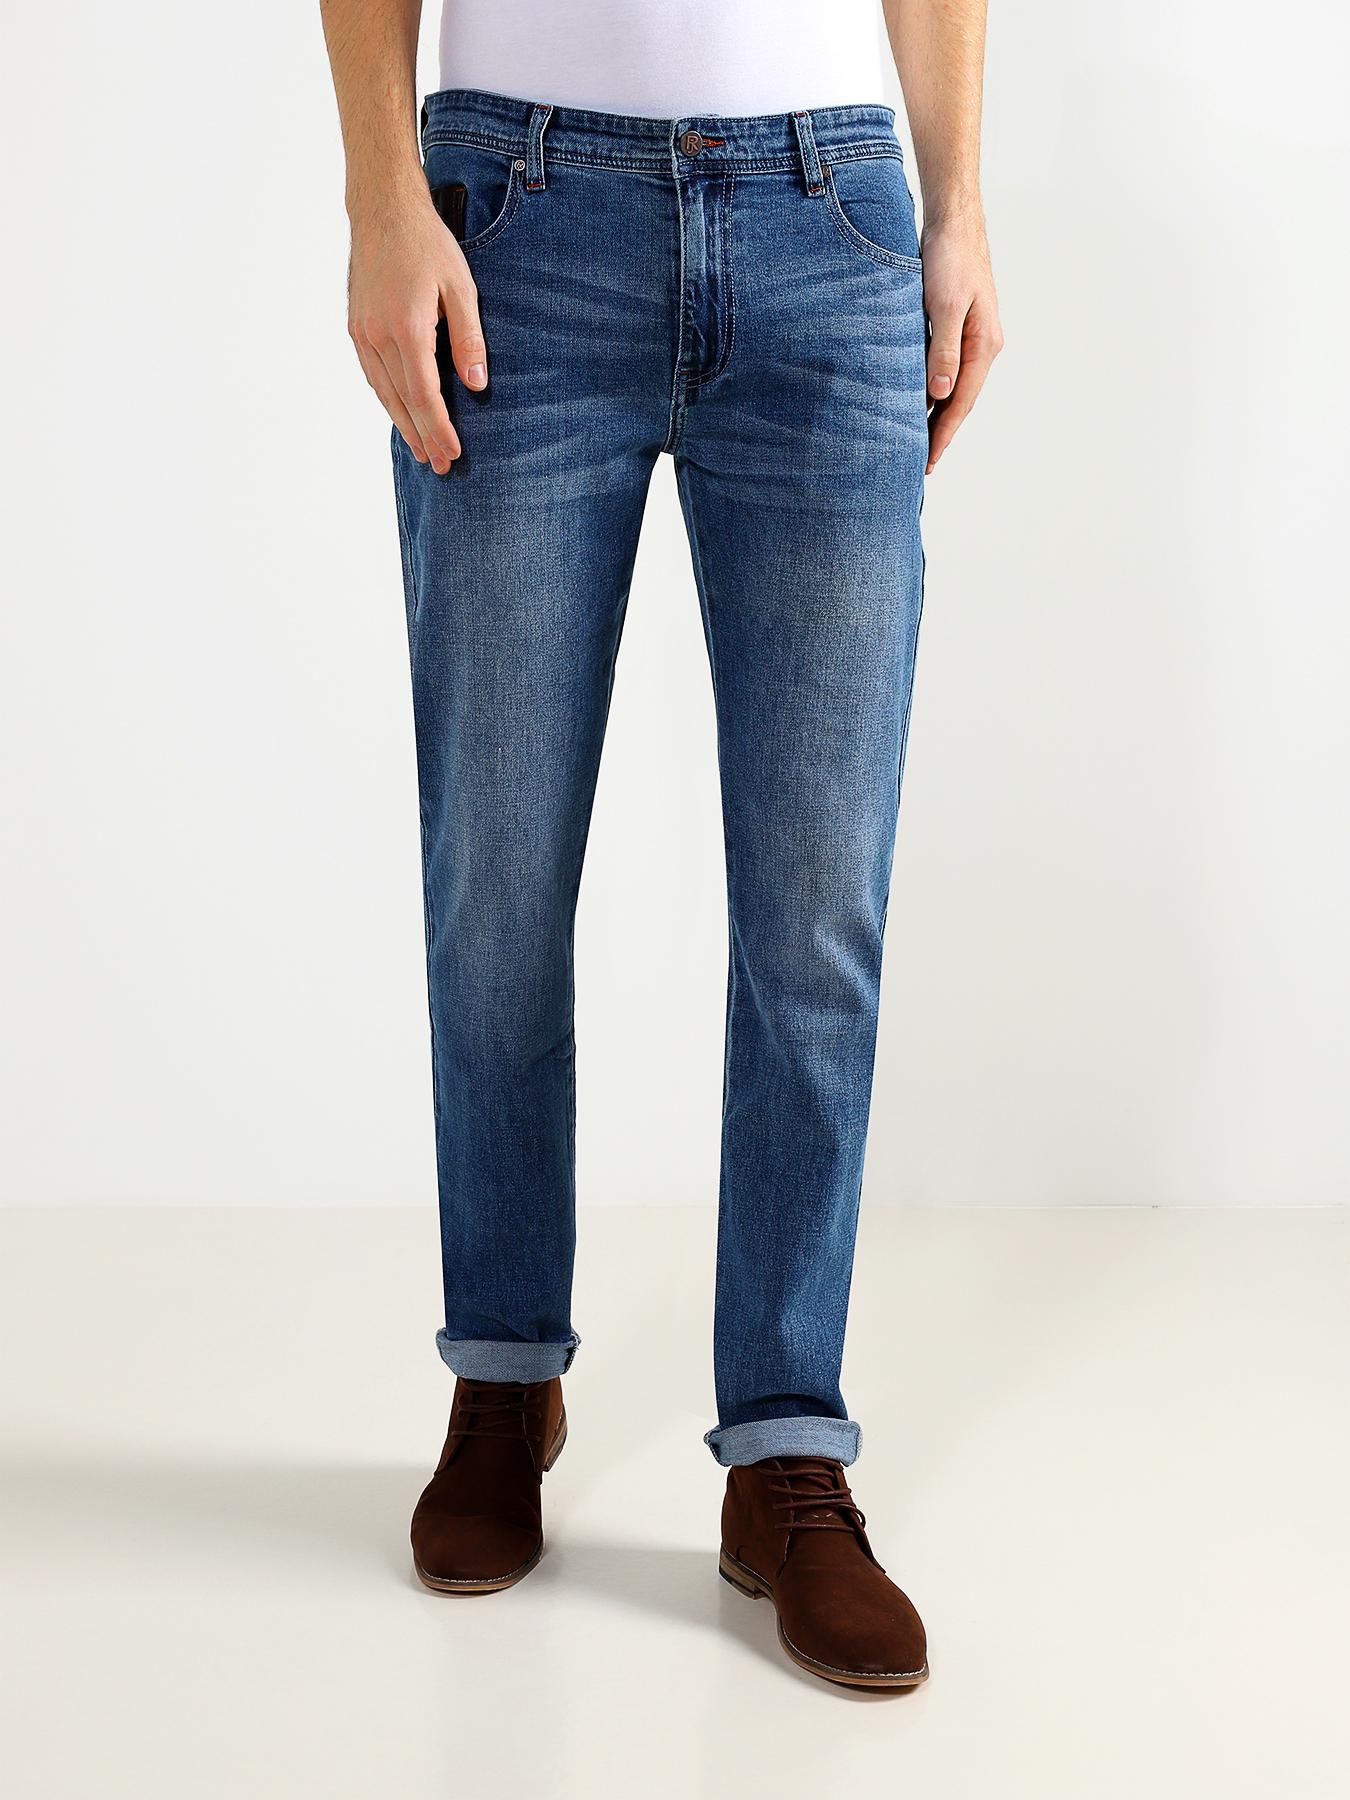 Джинсы Ritter Jeans Джинсы